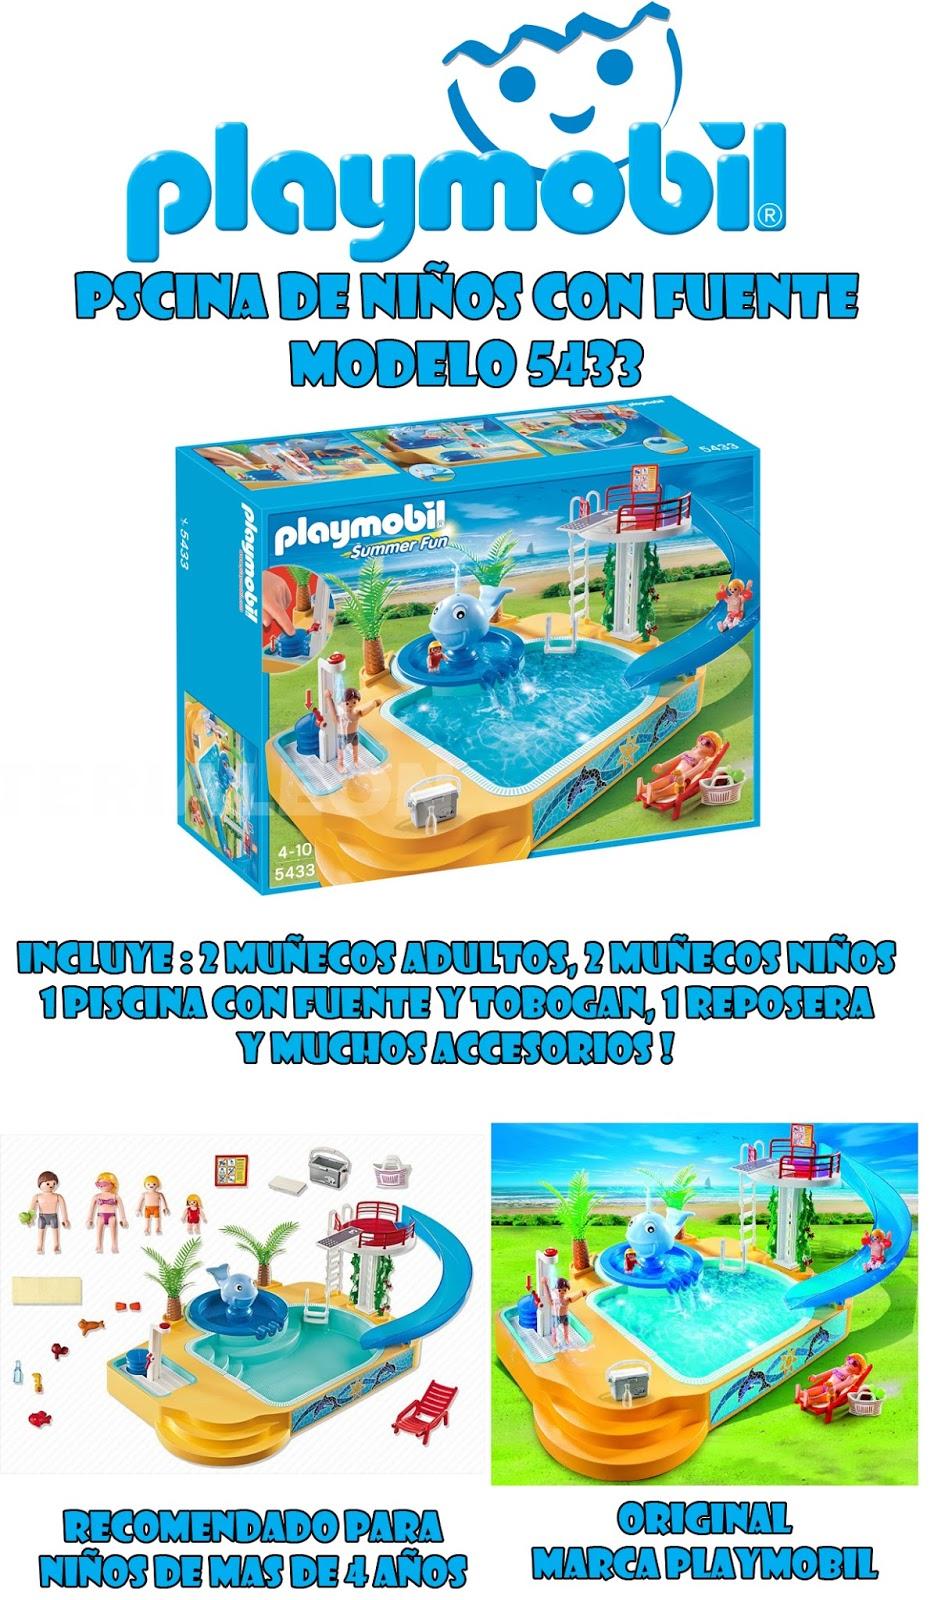 Jugueter a le n playmobil 5433 piscina de ni os con for Playmobil piscina con tobogan